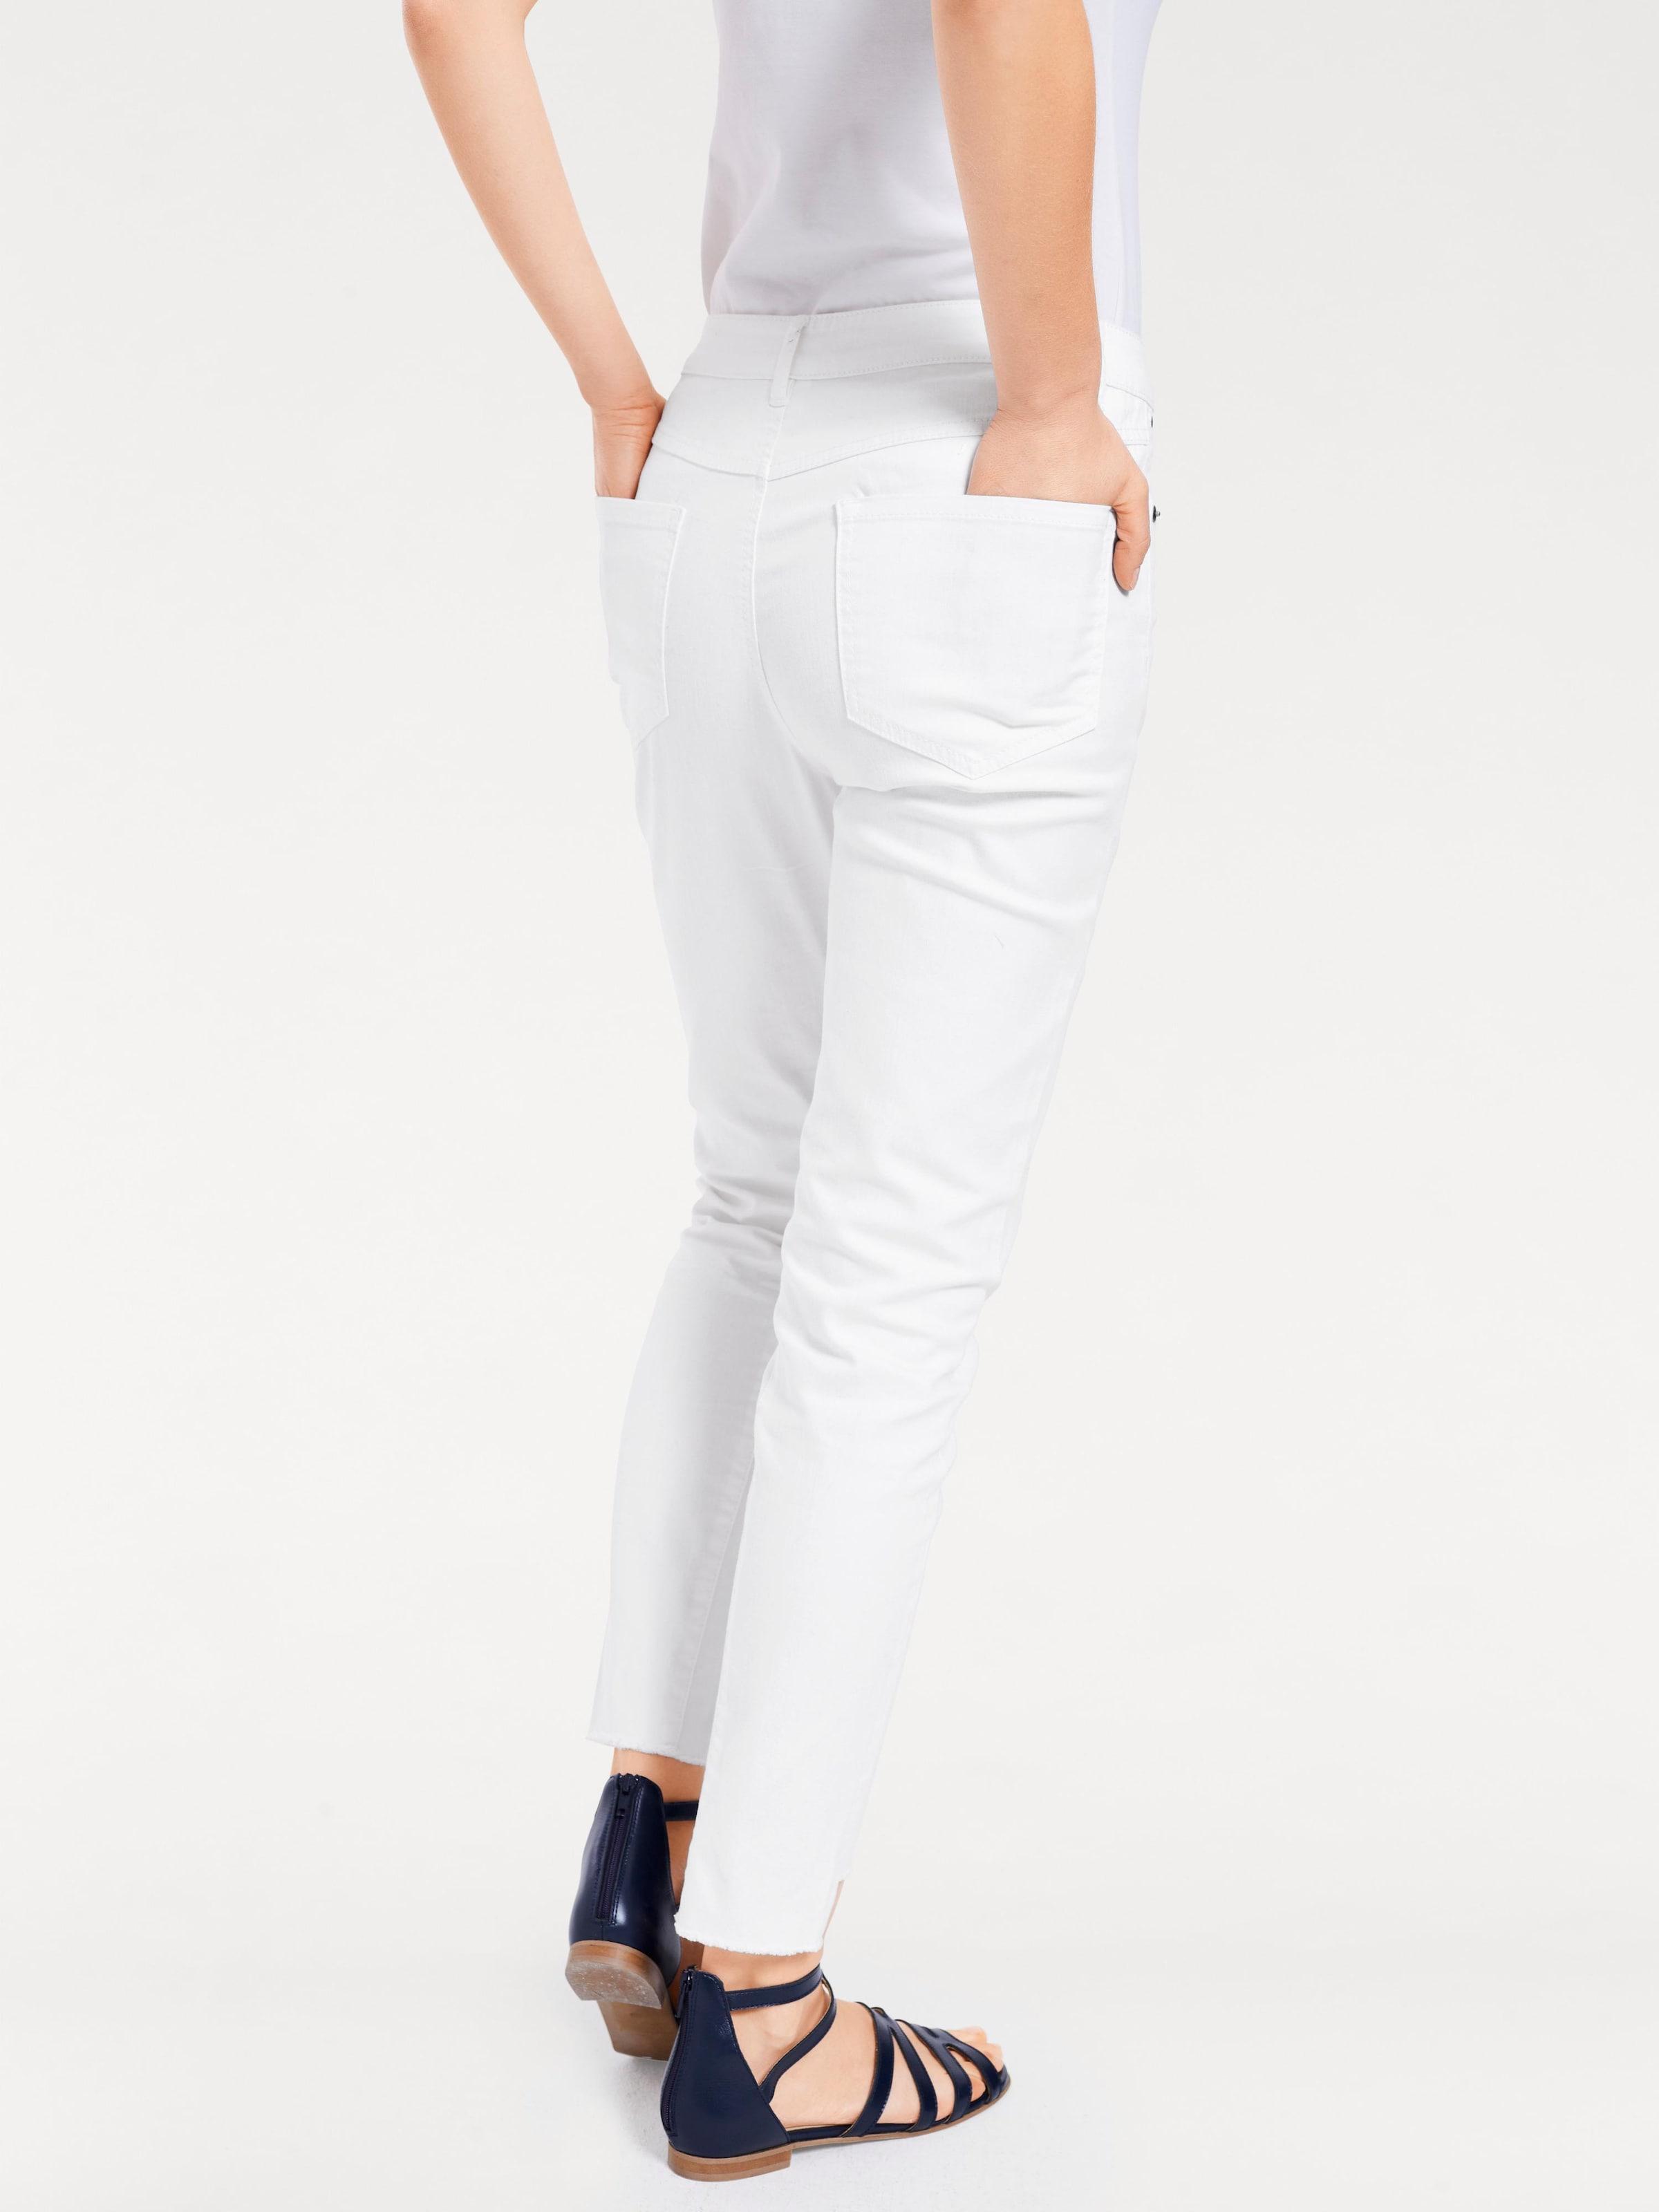 B.C. Best Connections by heine 7/8-Jeans mit Fransen Bester Günstiger Preis Rabatt Limitierte Auflage Billig Verkauf Offizielle Seite Billig Bequem Uuiccv9xE